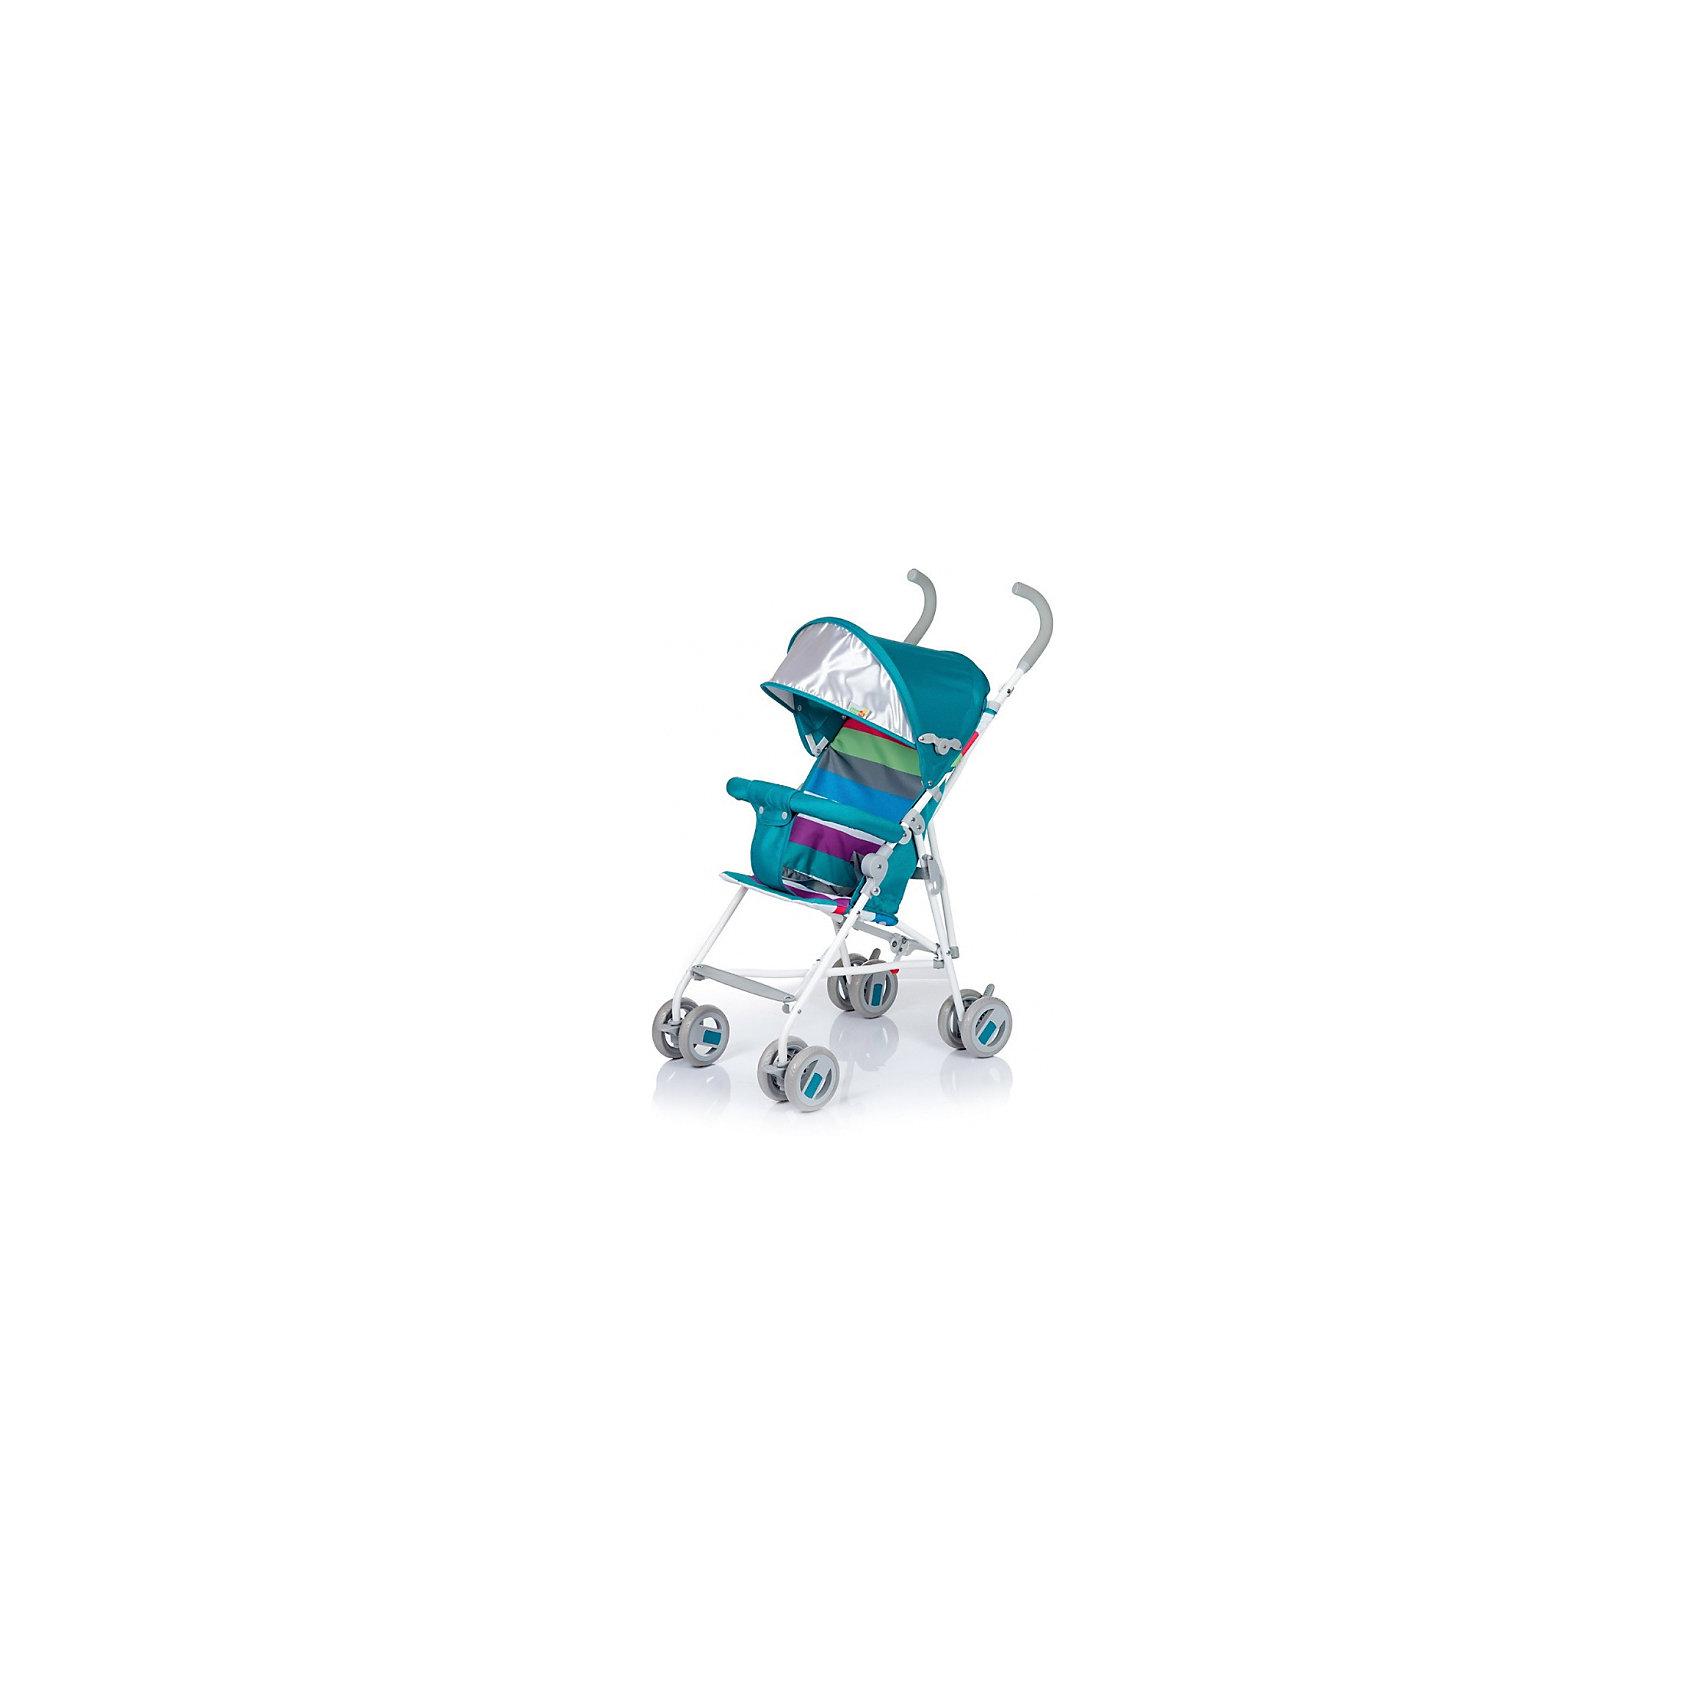 Коляска-трость BabyHit Weeny Marine Strips (полоска, голубой)Коляски-трости<br>Характеристики коляски:<br><br>• защитный бампер с мягким разделителем;<br>• защитный поясной ремень;<br>• капюшон оснащен широким солнцезащитным козырьком;<br>• малыш может поставить ножки на пластиковую подножку;<br>• сдвоенные колеса на передней и задней оси;<br>• передние «плавающие» колеса с фиксаторами;<br>• ножной тормоз;<br>• высота спинки: 46 см;<br>• диаметр колес: 12,7 см;<br>• тип складывания коляски: трость.<br><br>Обратите внимание: <br>• спинка и подножка коляски не регулируется;<br>• коляска без корзины для покупок.<br><br>Размер коляски: 75х45х93 см<br>Вес коляски: 4,1 кг<br>Размер коляски в сложенном виде: 109х29,5х27,5 см<br>Размер упаковки: 105х41х29 см<br>Вес в упаковке: 4,5 кг<br><br>Легкая и маневренная коляска-трость отлично подходит для путешествий с маленьким ребенком, не занимает много места в багажнике автомобиля, быстро складывается и раскладывается. Ребенок не соскользнет вниз благодаря защитному поручню с паховым ограничителем. Сдвоенные колеса можно зафиксировать, когда коляска едет по песку или гальке. Коляска оснащена тормозами на задних колесах. <br><br>Коляску-трость WEENY, Babyhit можно купить в нашем интернет-магазине.<br><br>Ширина мм: 1050<br>Глубина мм: 290<br>Высота мм: 410<br>Вес г: 4625<br>Возраст от месяцев: 7<br>Возраст до месяцев: 36<br>Пол: Унисекс<br>Возраст: Детский<br>SKU: 6668598